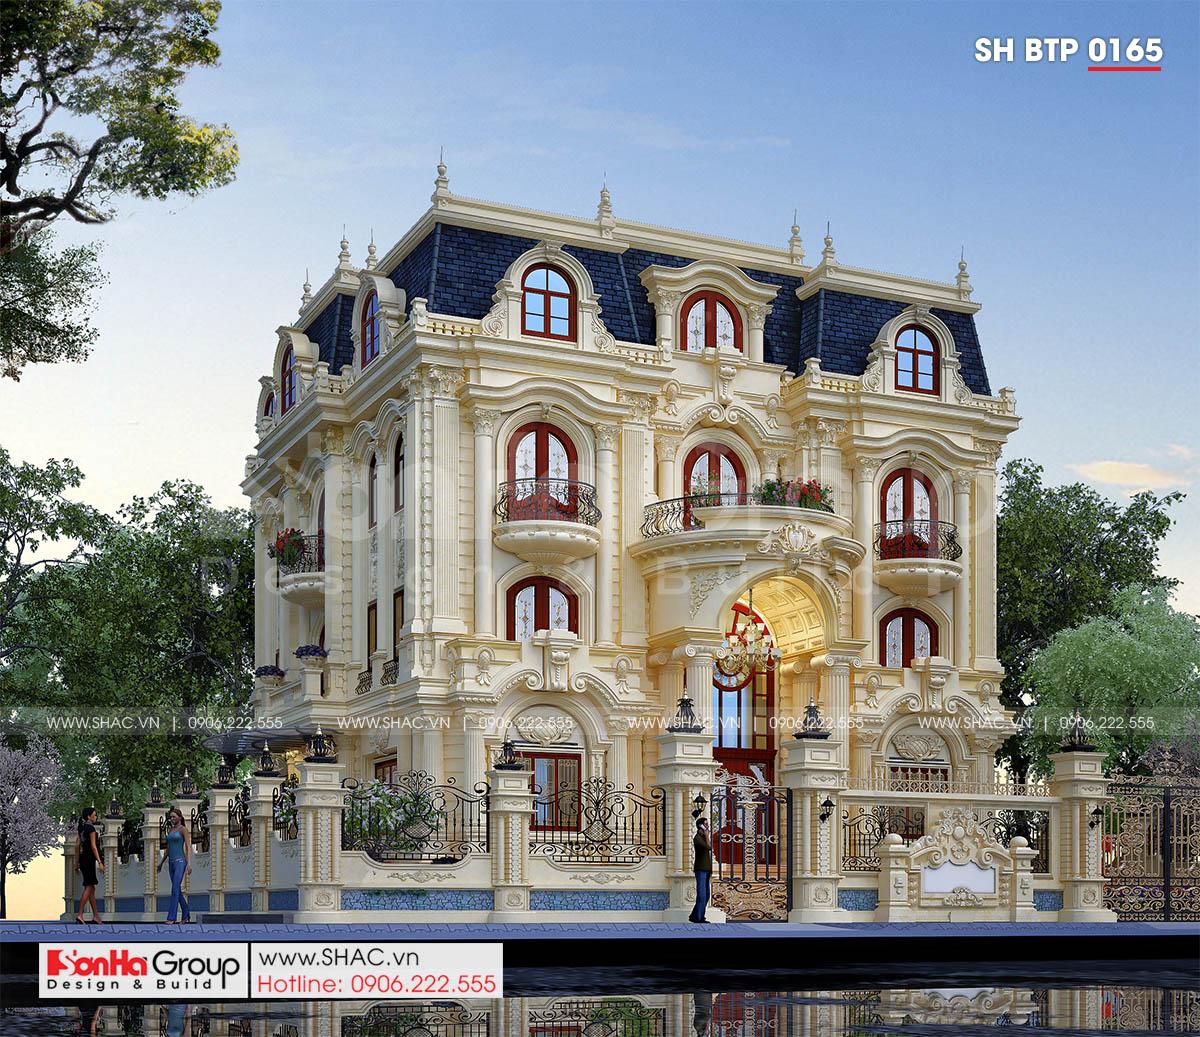 Biệt thự tân cổ điển diện tích 263,76m2 tại Đà Nẵng